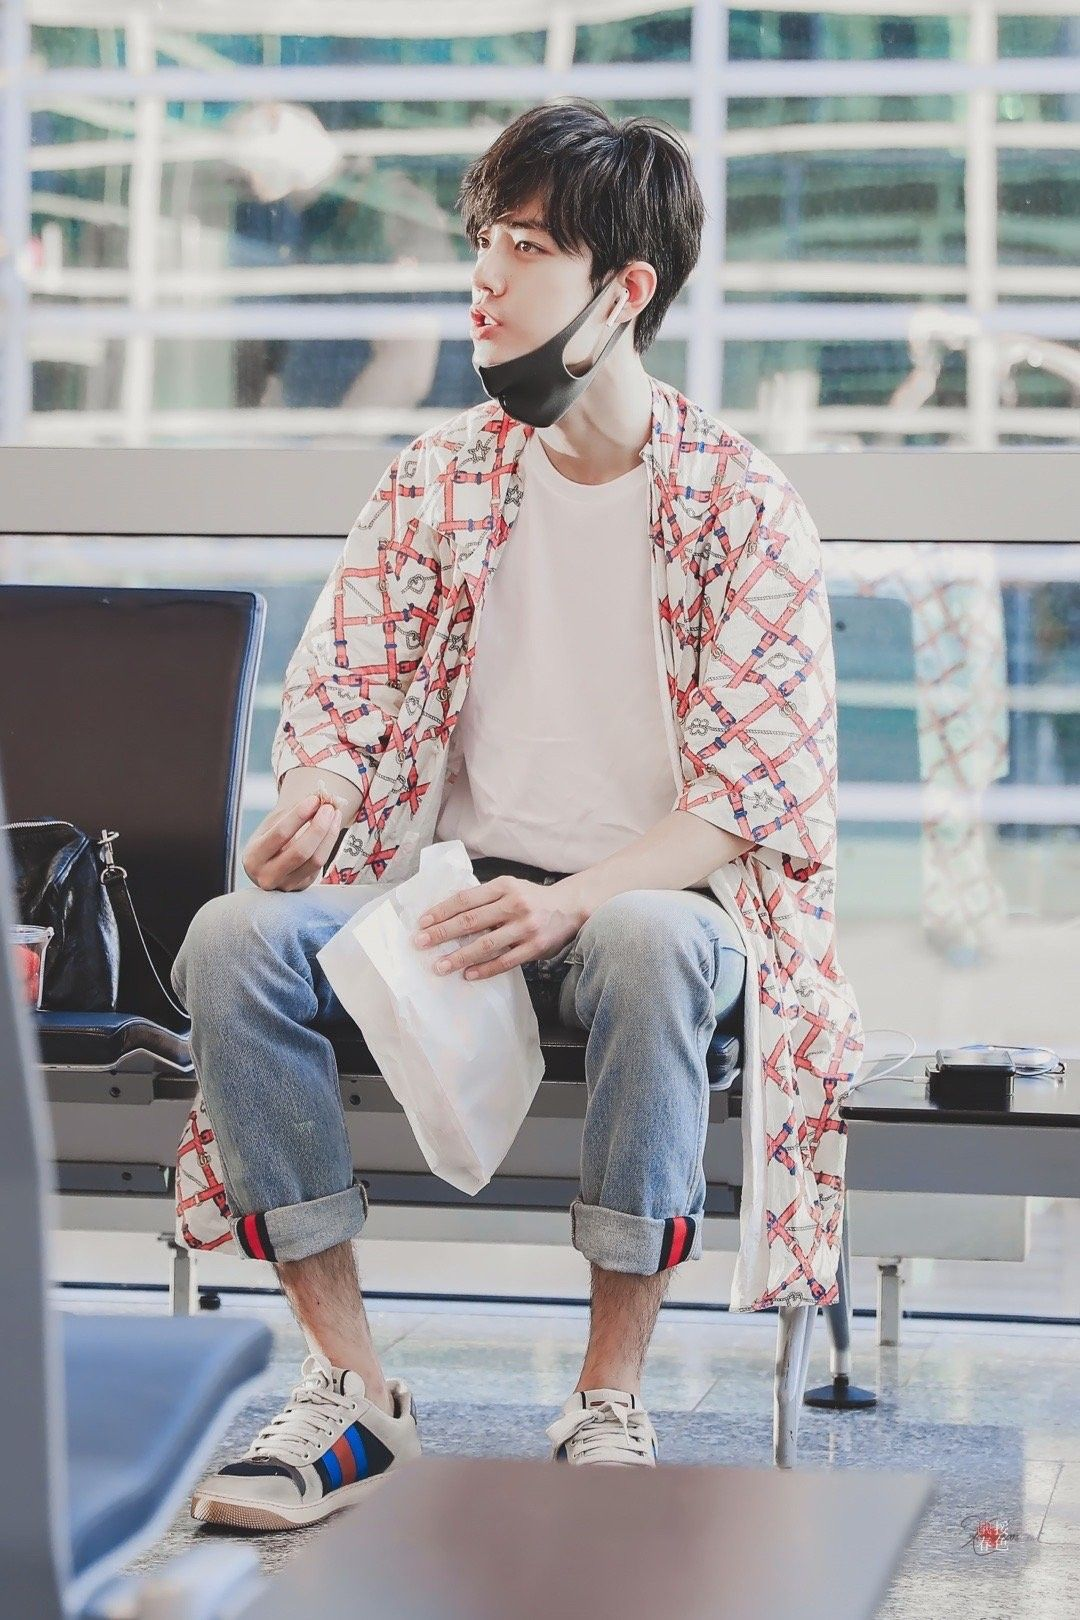 Pin by Cristina E. on 肖战 Airport Fashion Kimono top